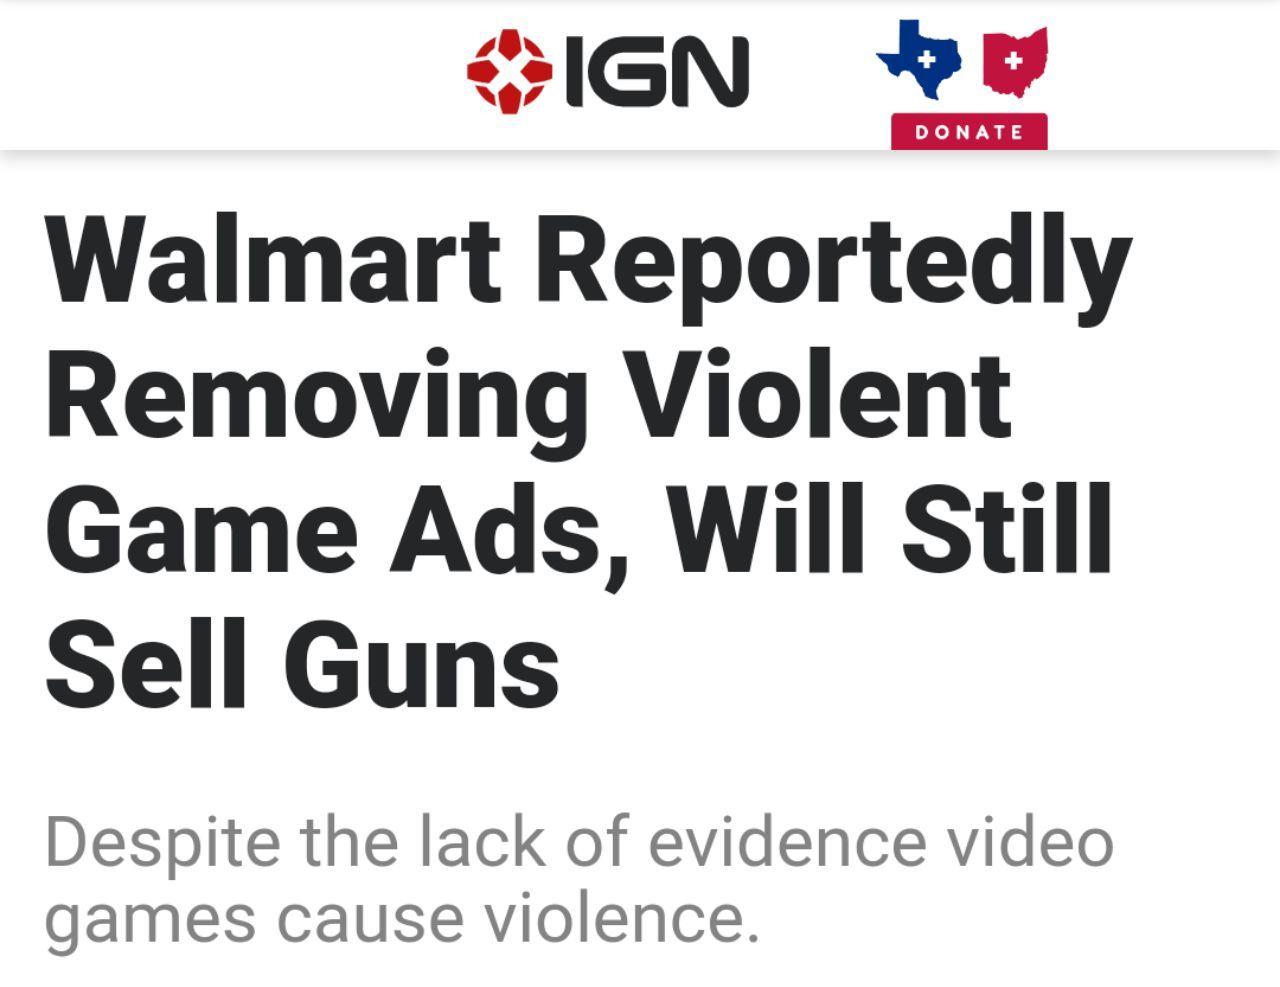 walmart videogiochi violenti